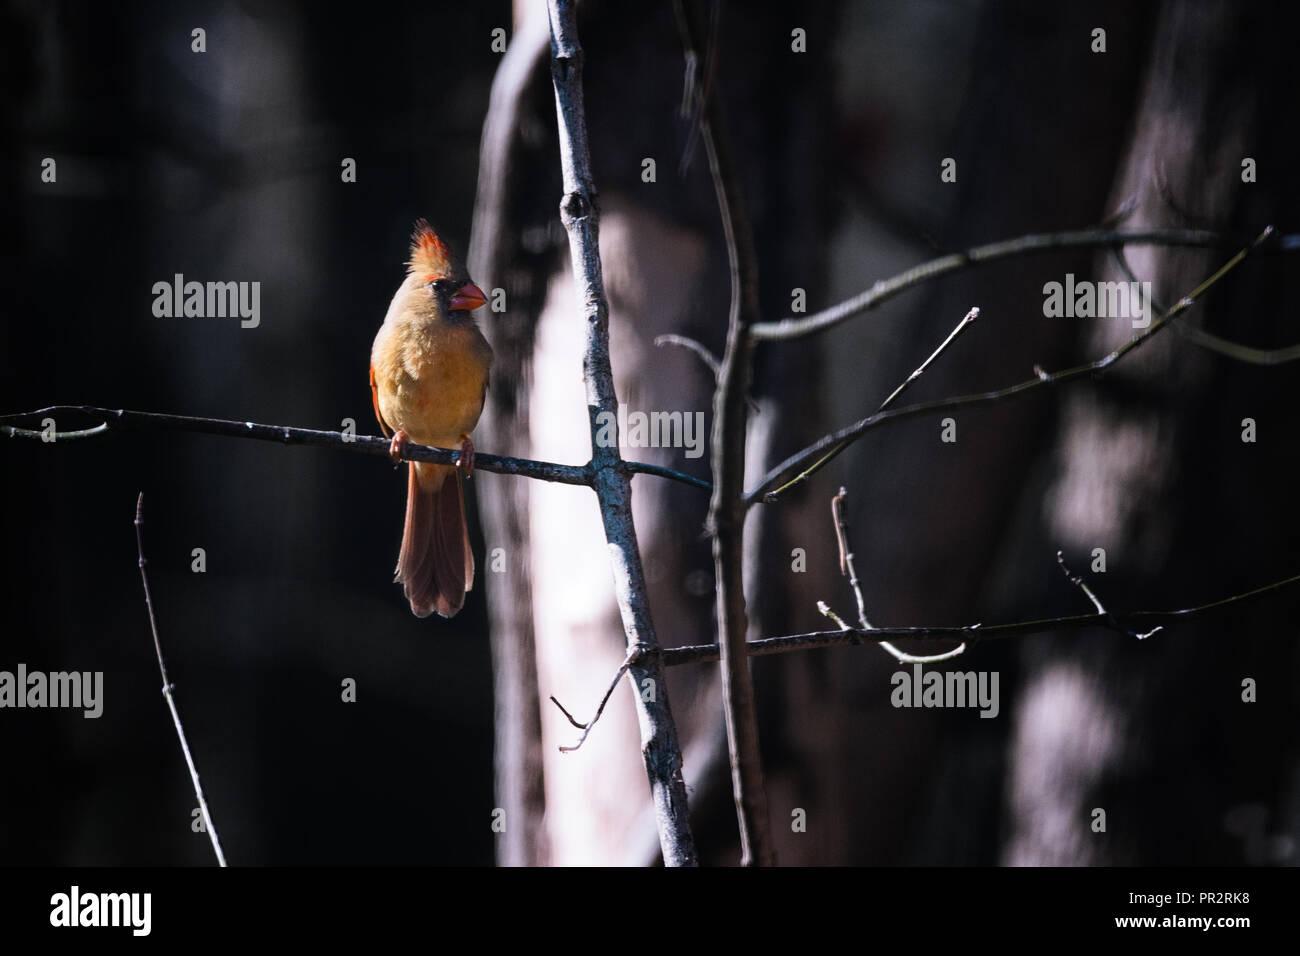 Eine weibliche Kardinal stellt auf einer kleinen Gliedmaßen außerhalb des Visitor Center in Muscatatuck National Wildlife Refuge. Es gibt eine Birke im Hintergrund. Stockbild